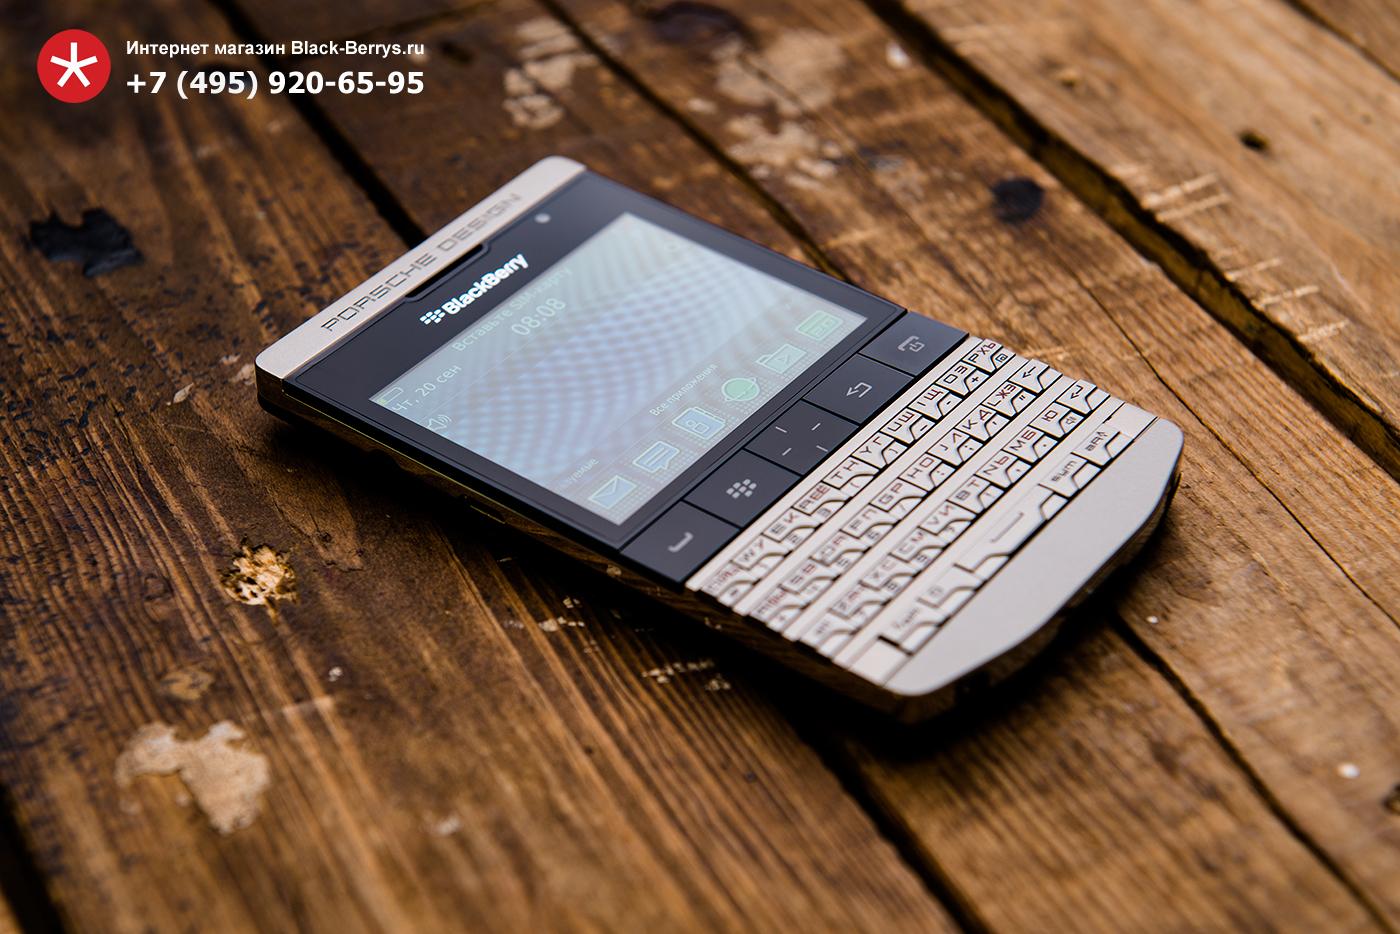 blackberry-porsche-design-rostest-4